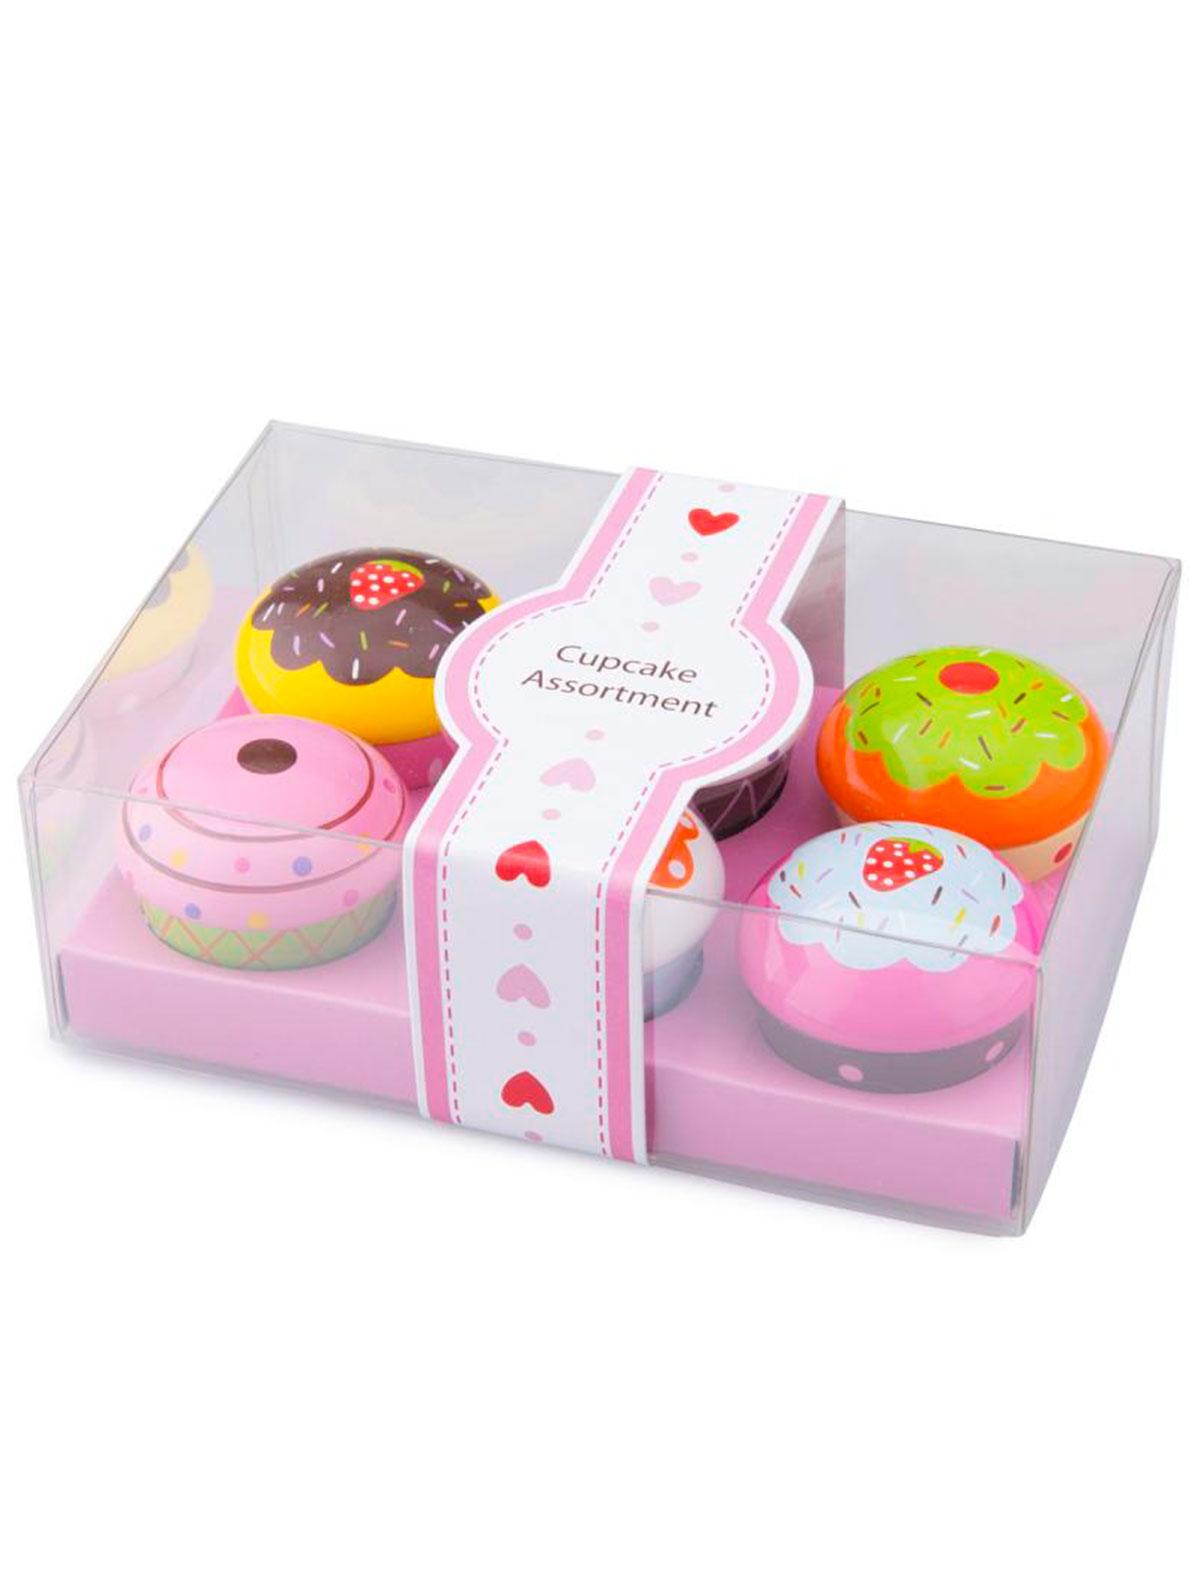 Купить 2220527, Игрушка New Classic Toys, разноцветный, 7134529072057